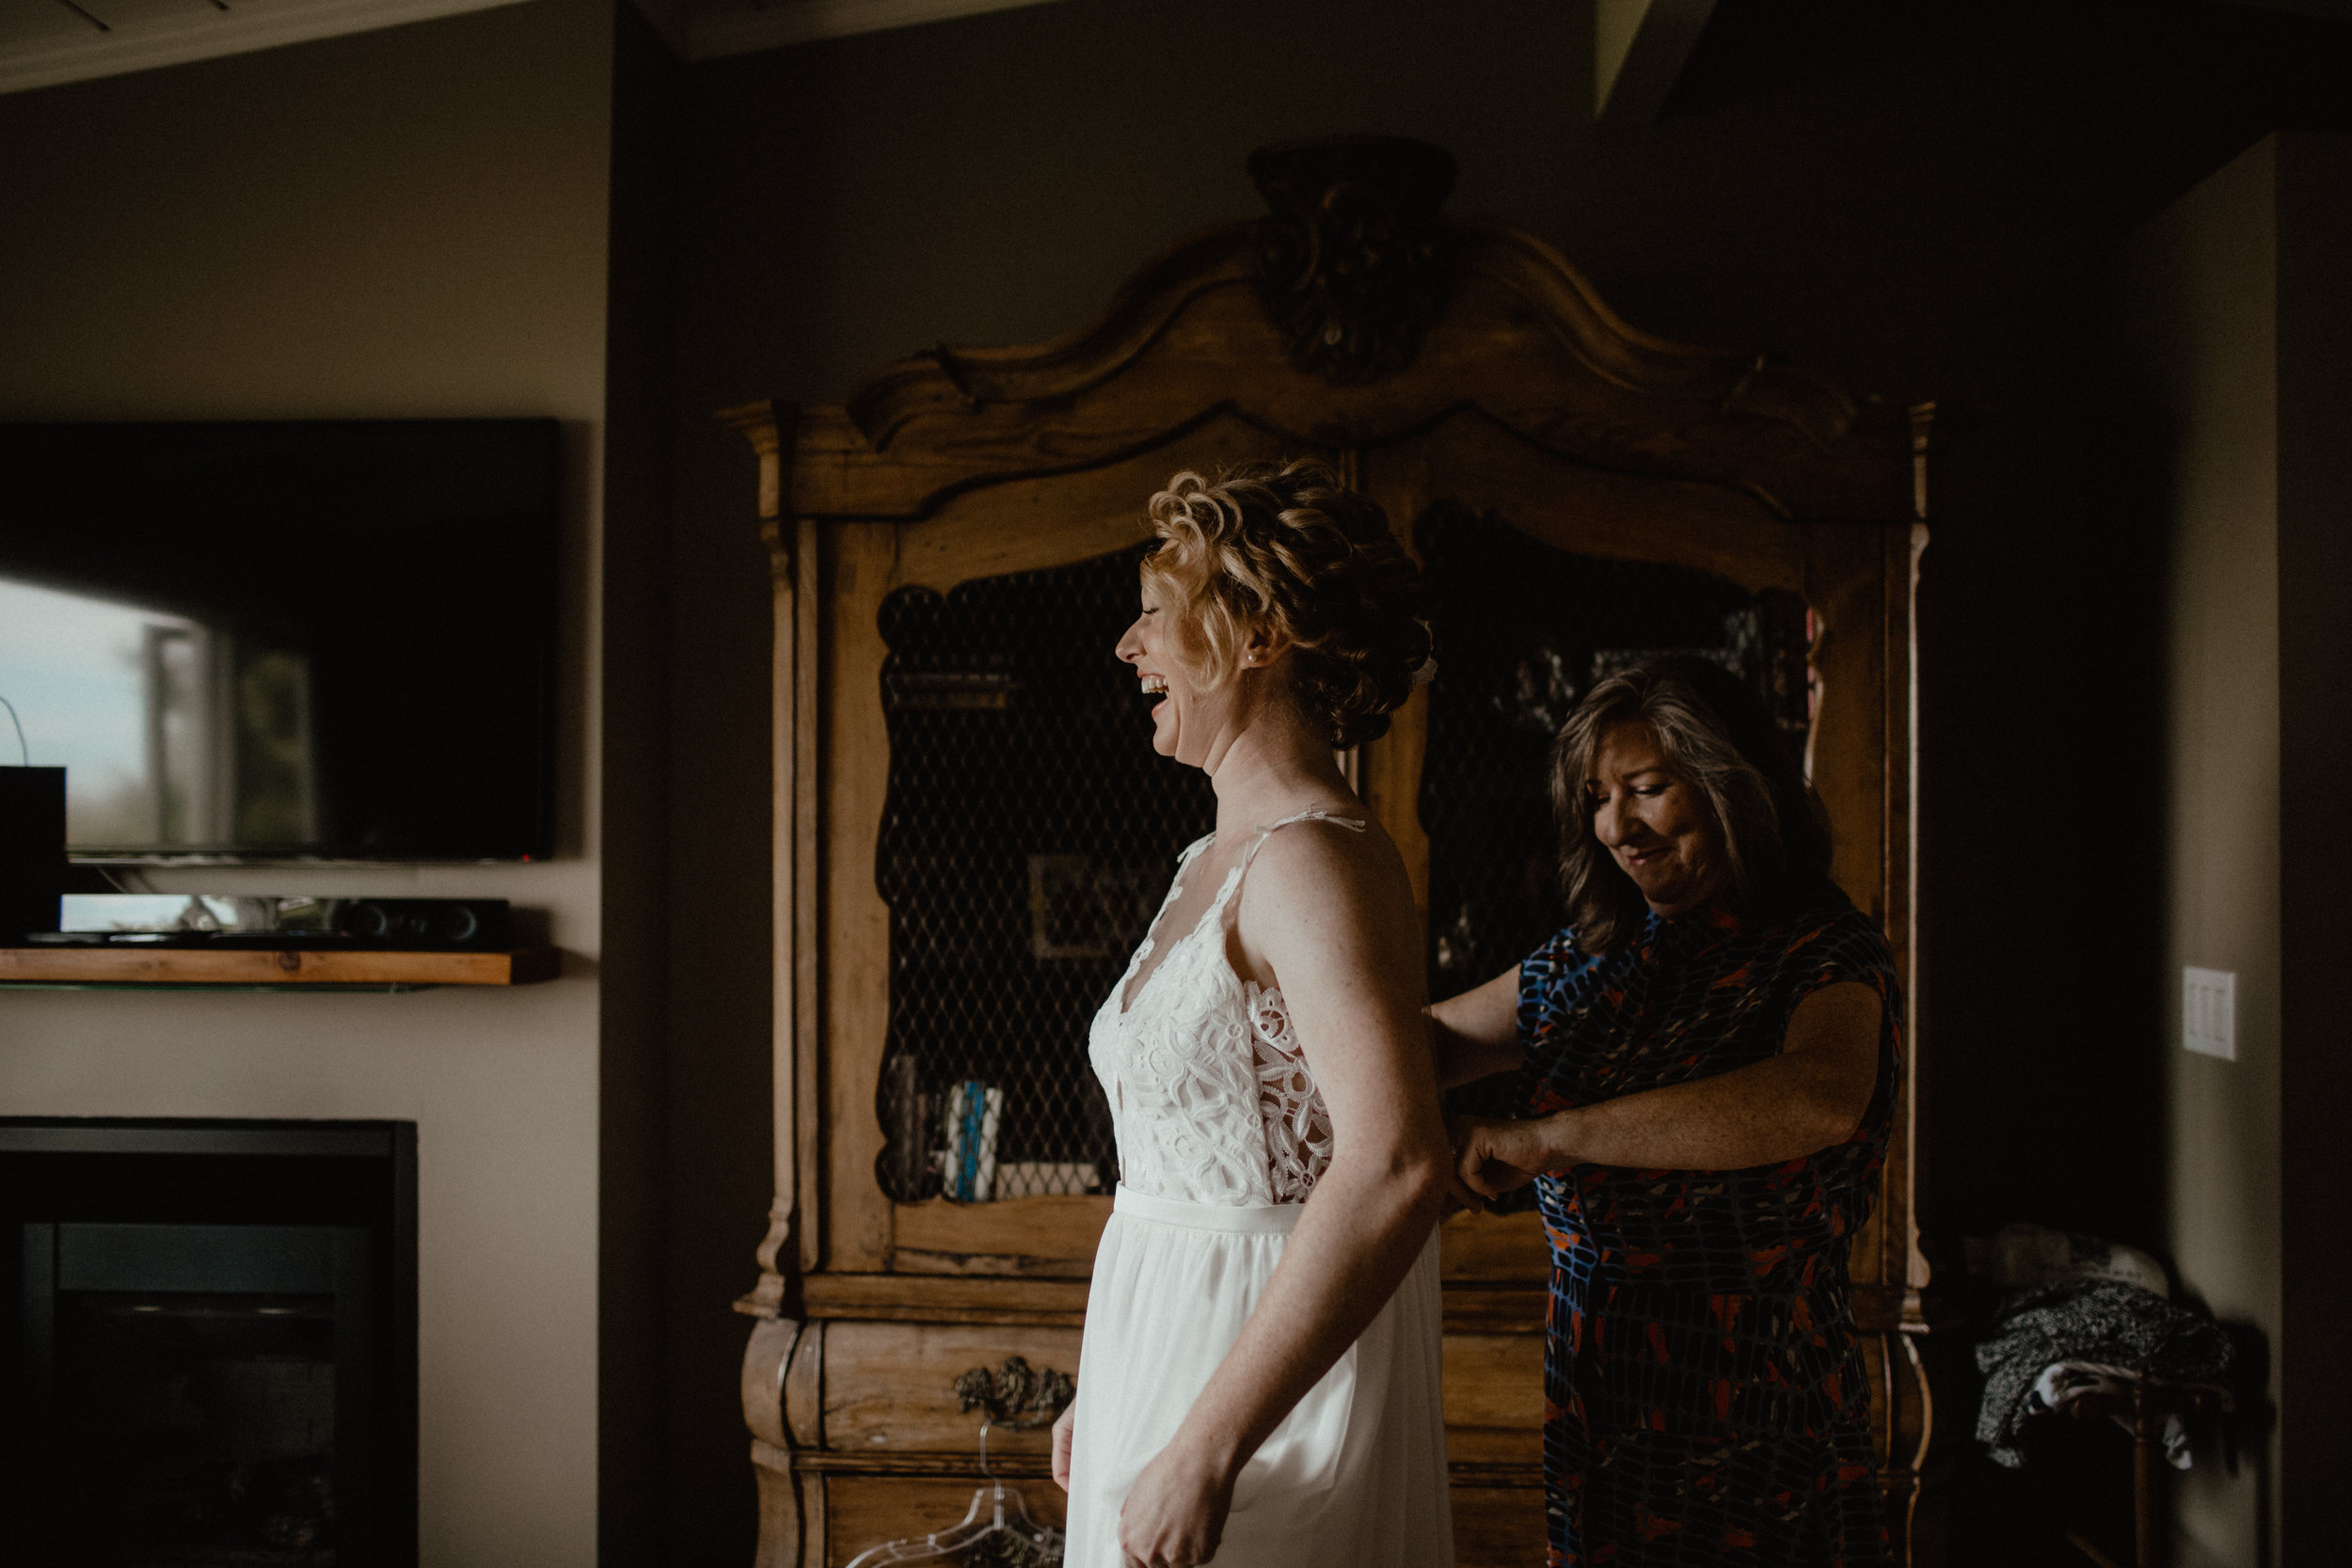 west-vancouver-backyard-wedding-46.jpg